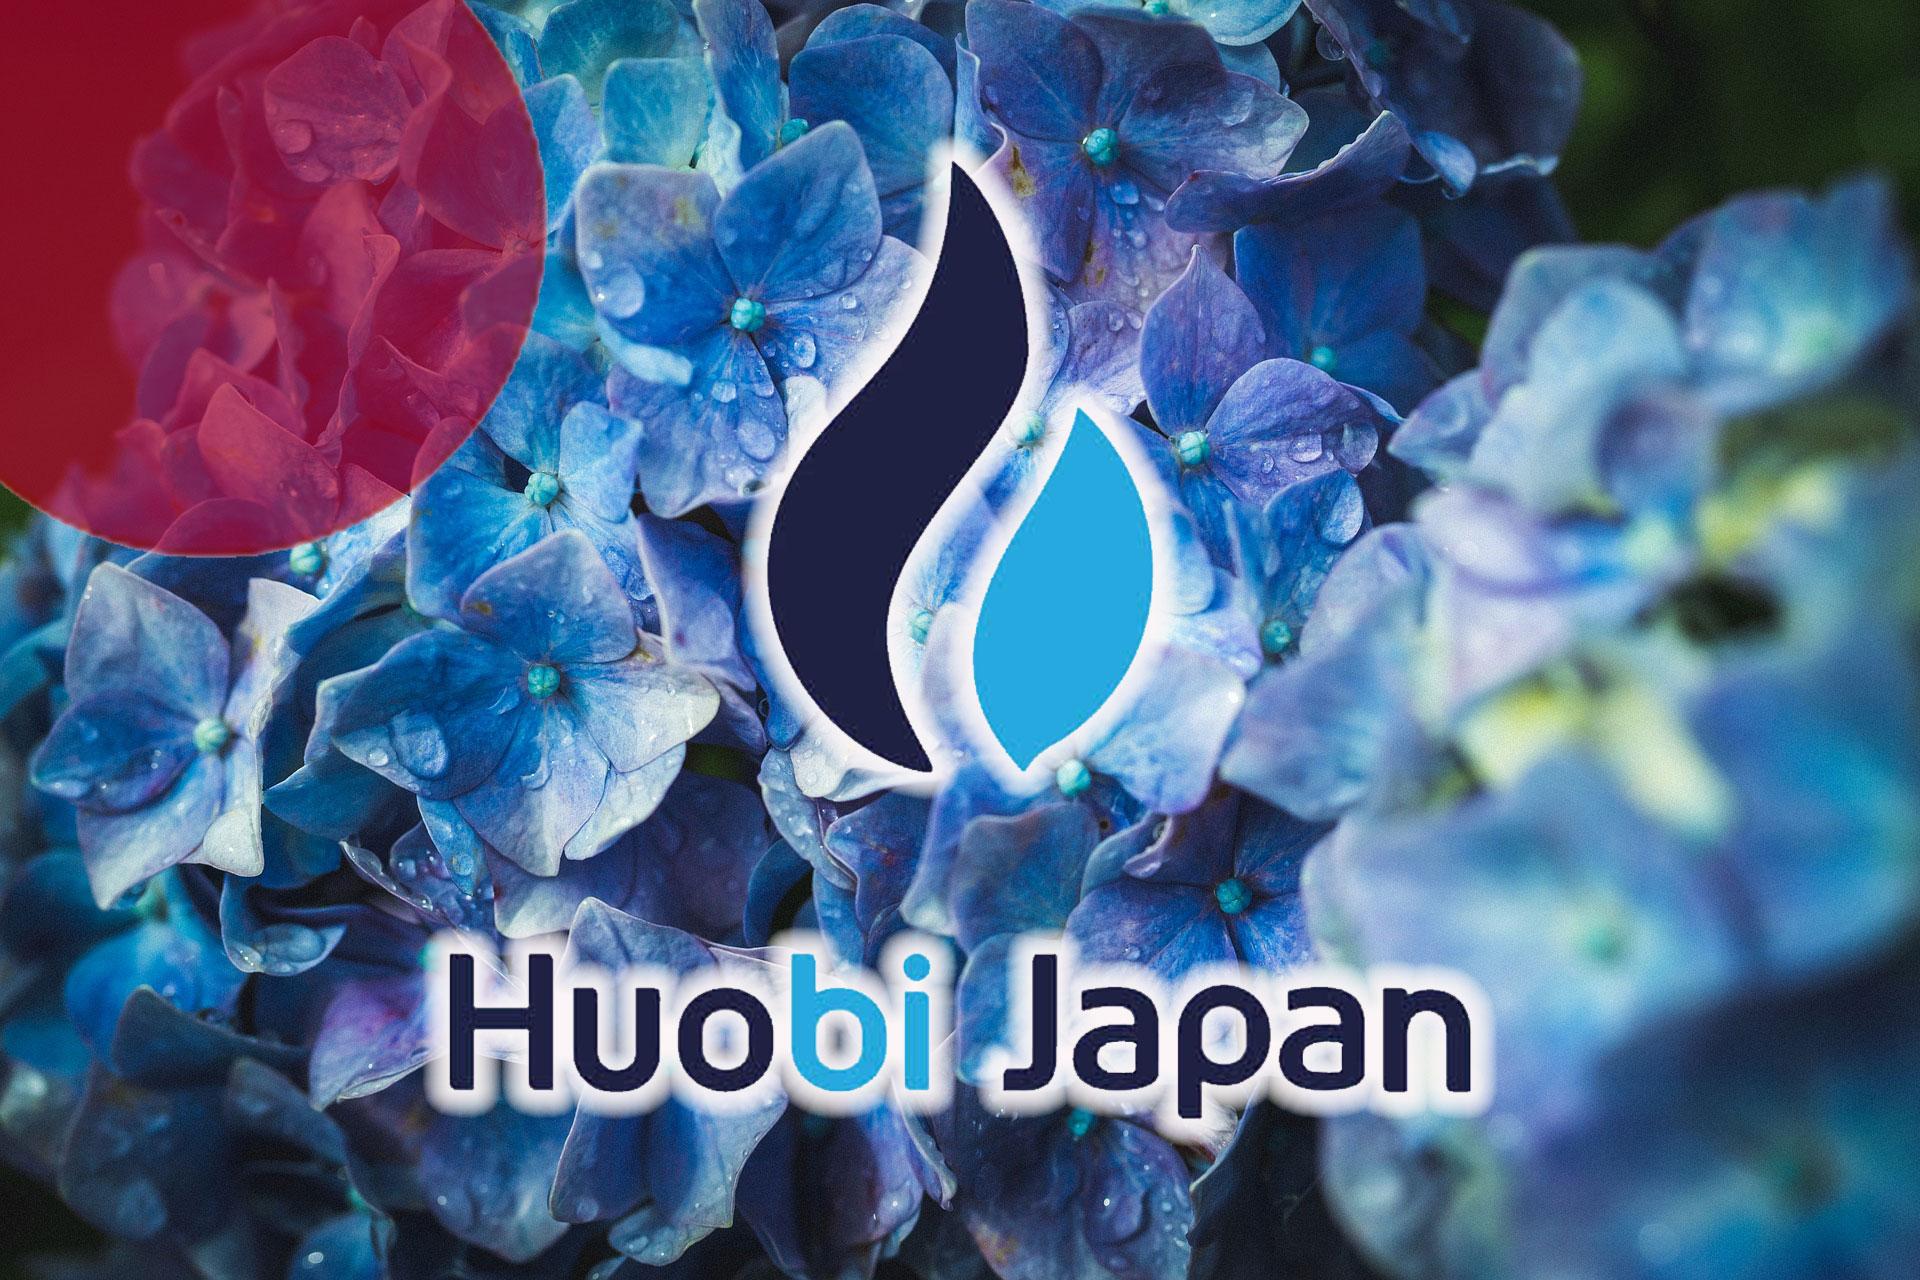 『6月上旬上場予定』Huobi Japan、「Huobi Token(HT)」のコンテンツページ公開!